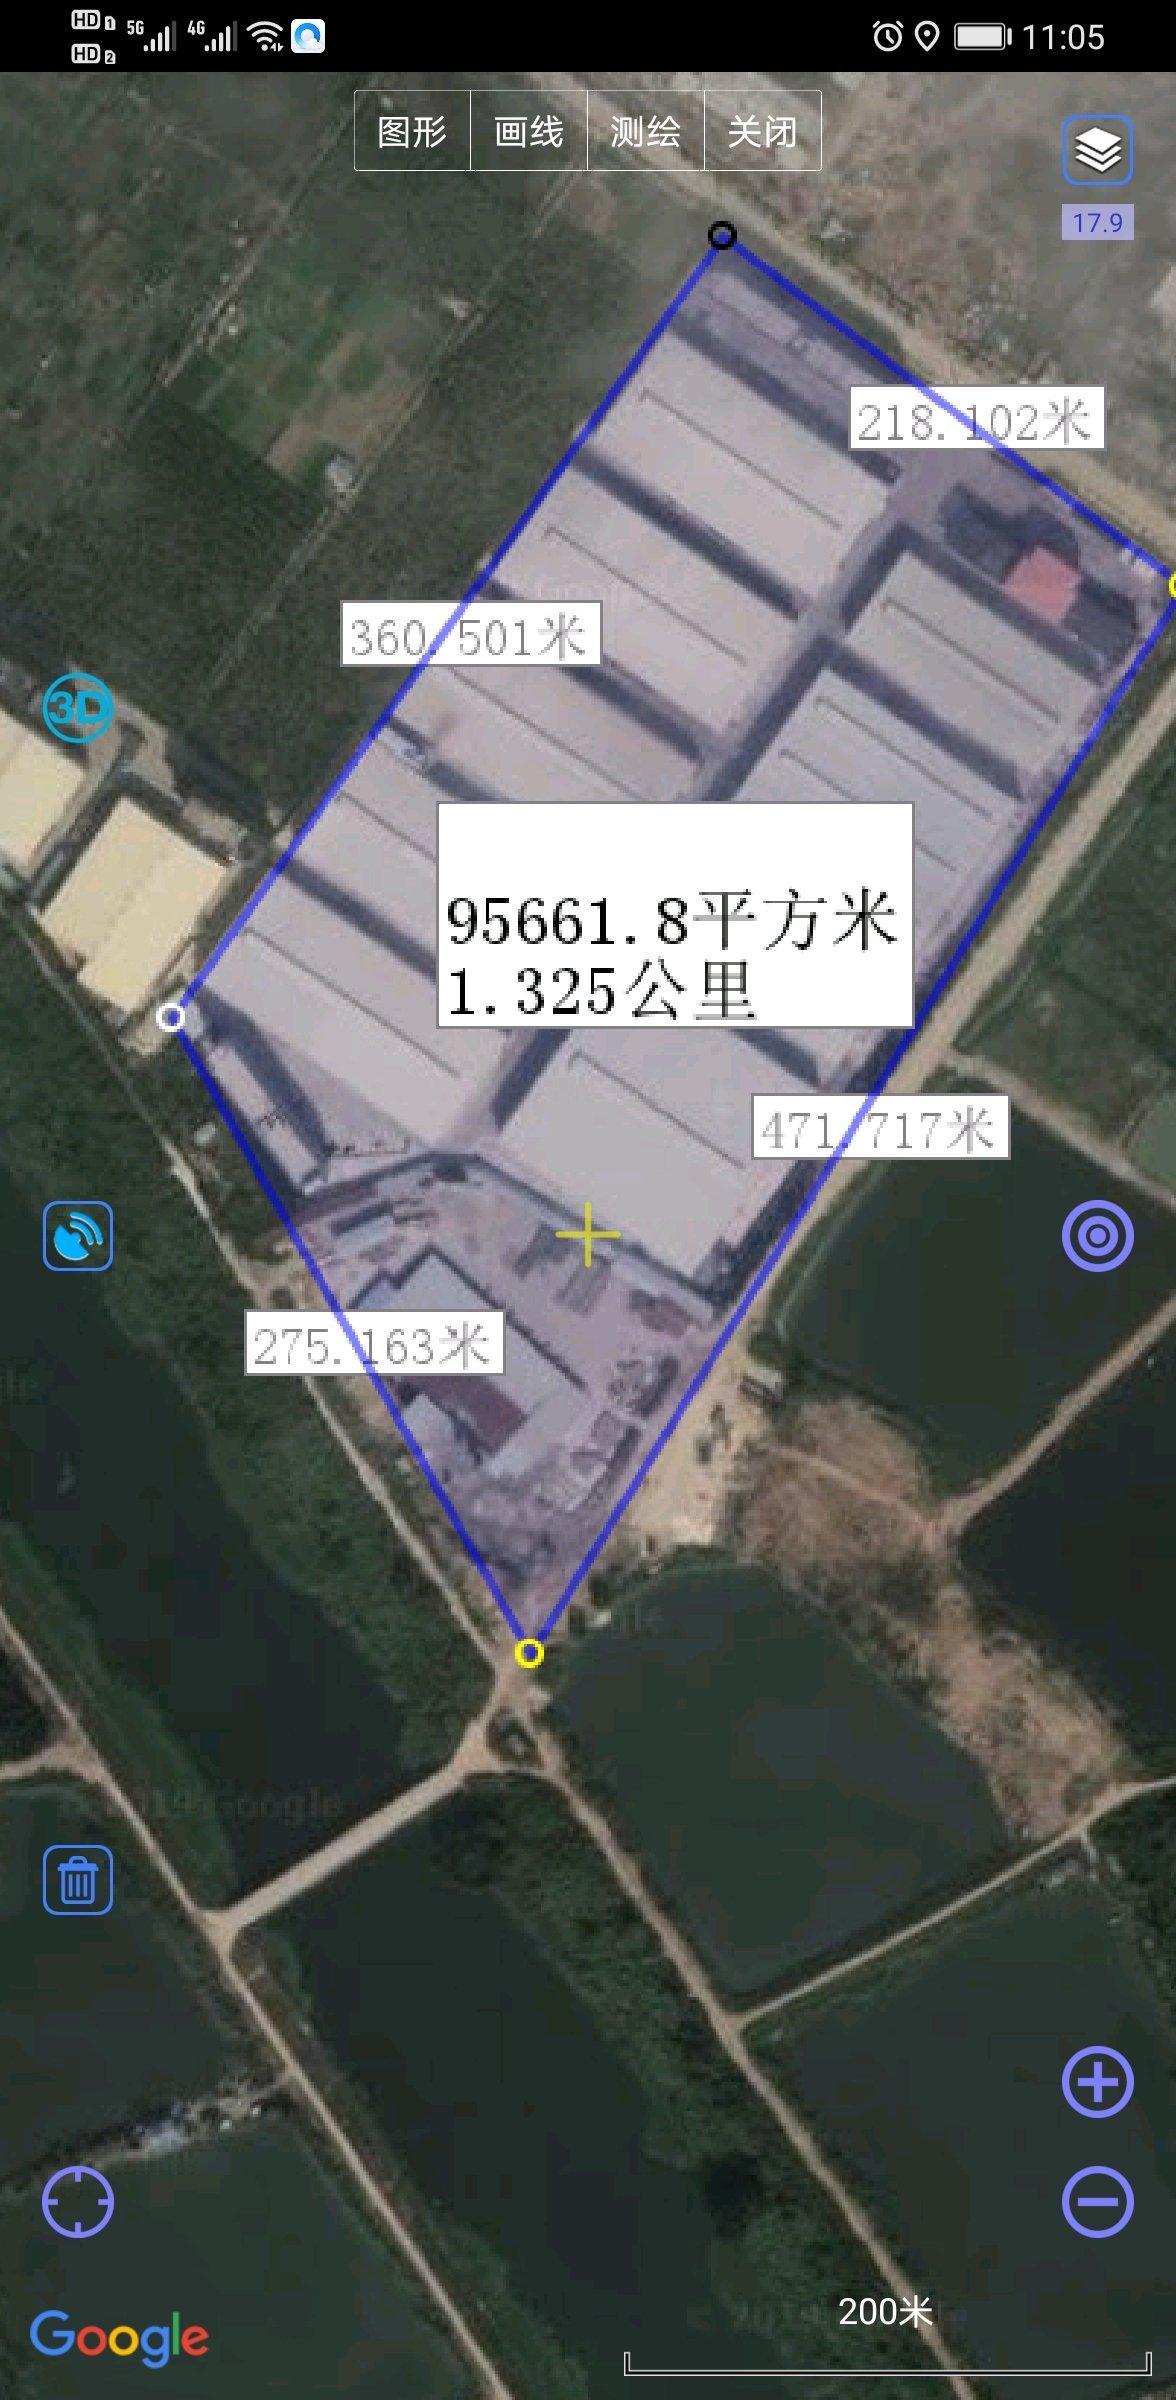 惠東國有證廠房占地9萬多平方,建築5萬多,售價1.6億。